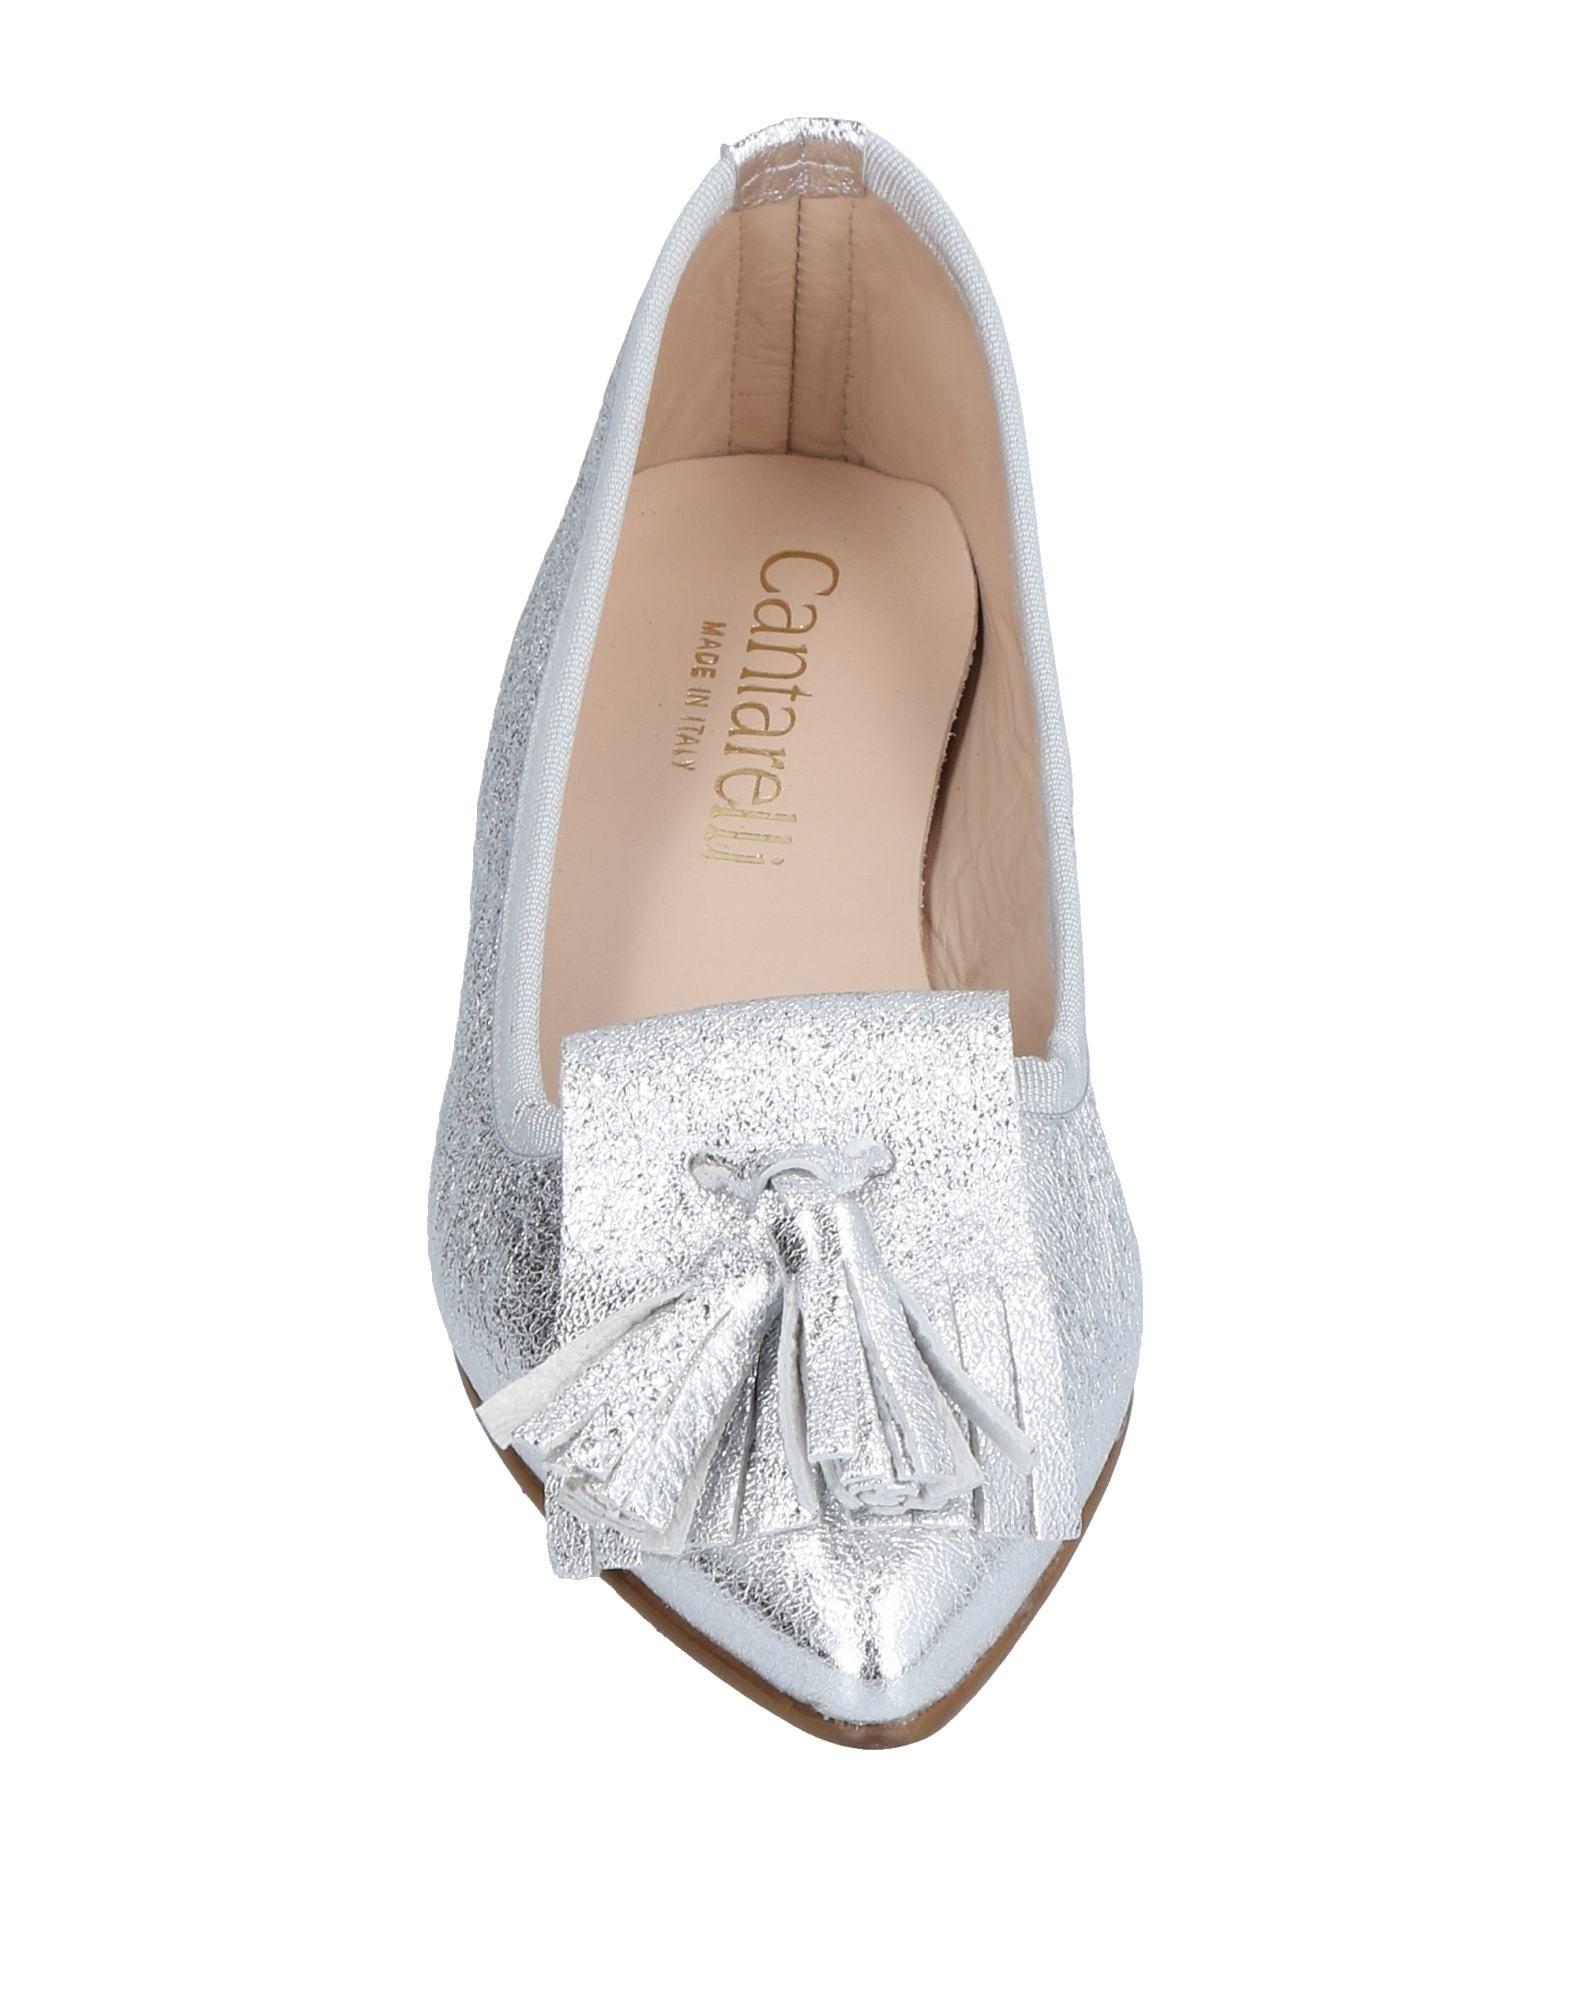 Scarpe economiche e resistenti Ballerine Cantarelli Donna - 11516343TL